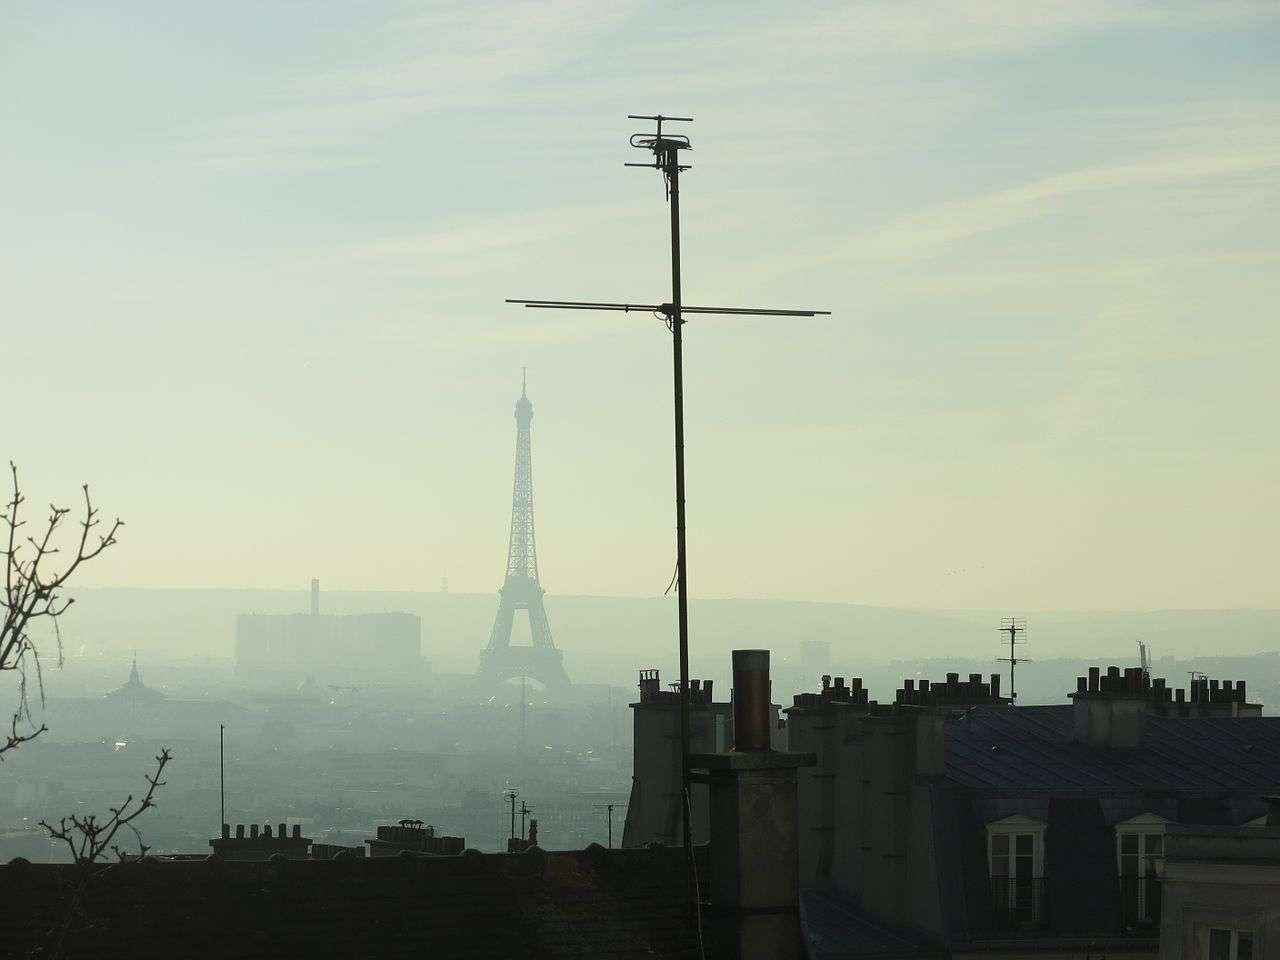 La pollution atmosphérique a réclamé la vie de plus de 500.000 personnes, d'après le tout dernier rapport sur la qualité de l'air en Europe. © Tangopaso, Wikimedia Commons, DP